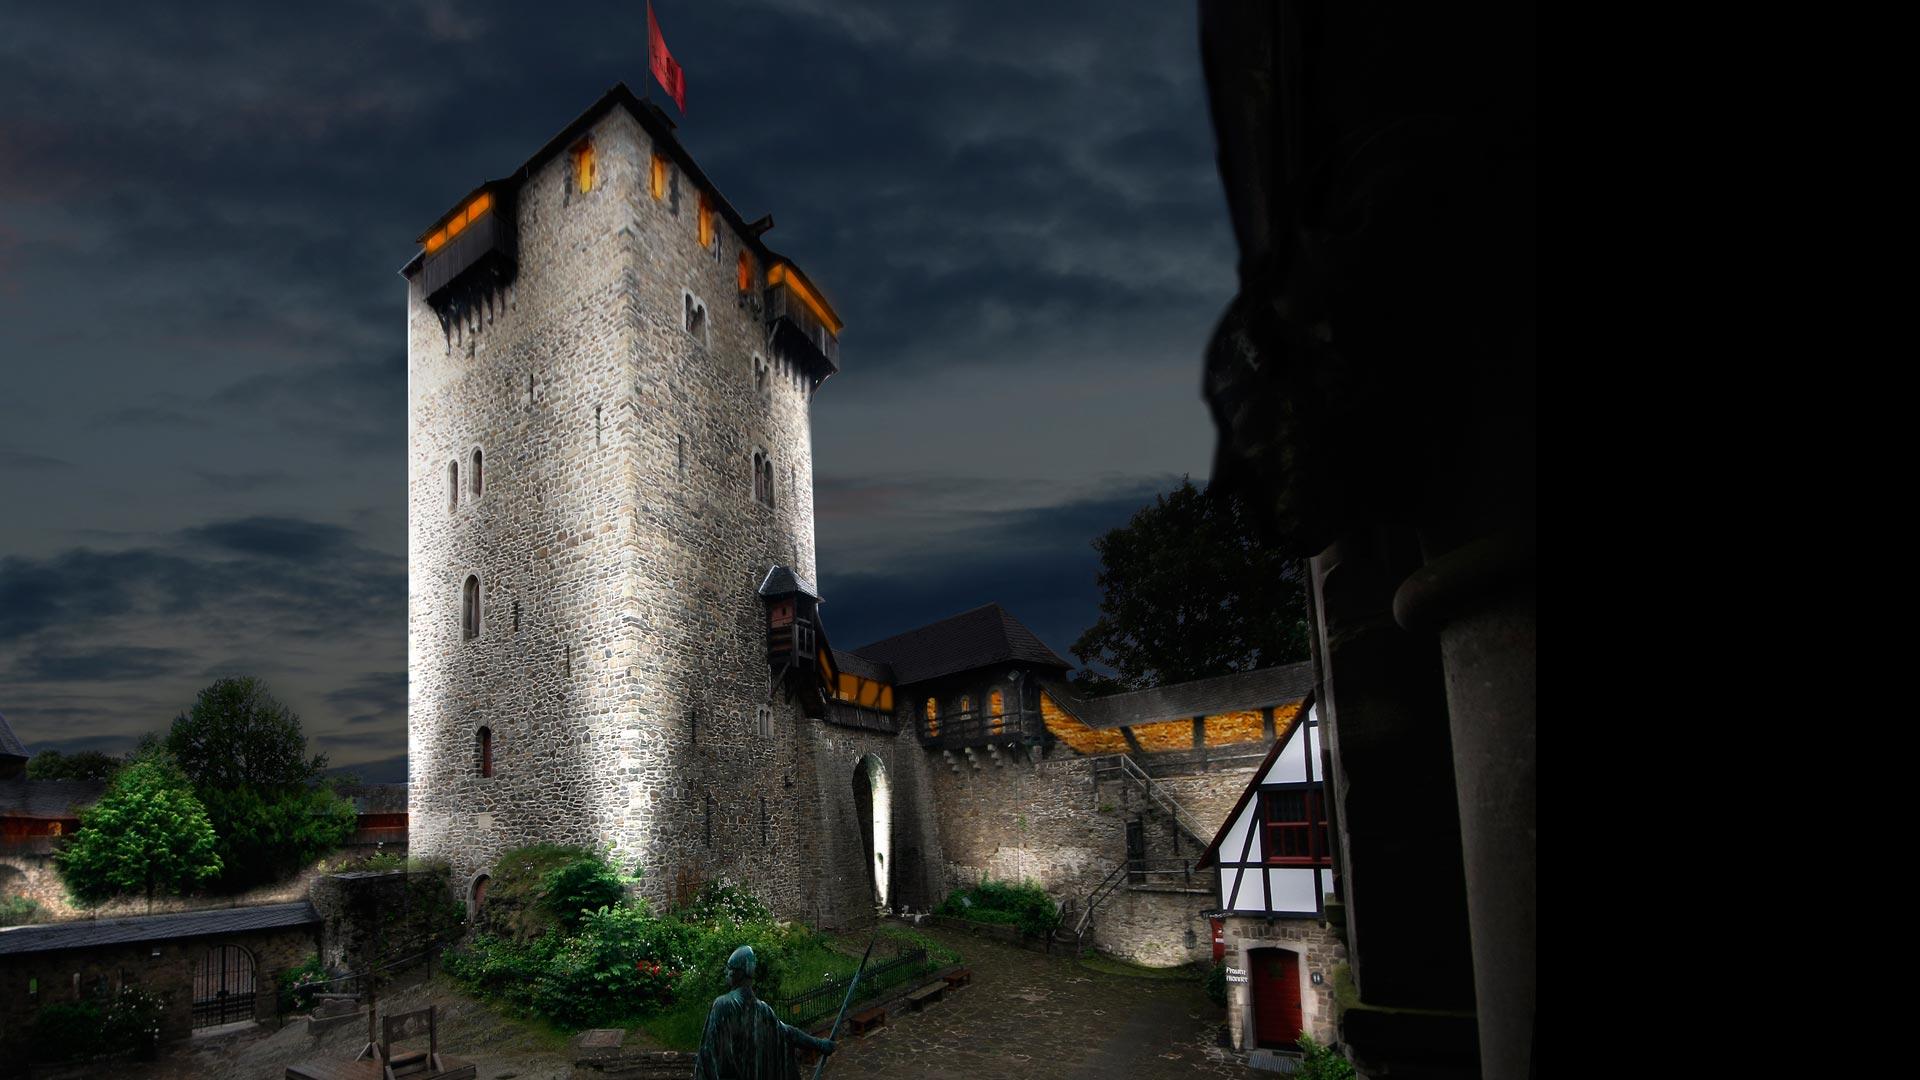 MAASS-Lichtplanung_Wettbewerbsbeitrag Lichtinszenierung Schloss Burg__MAASS-Licht-SchlossBurg-06